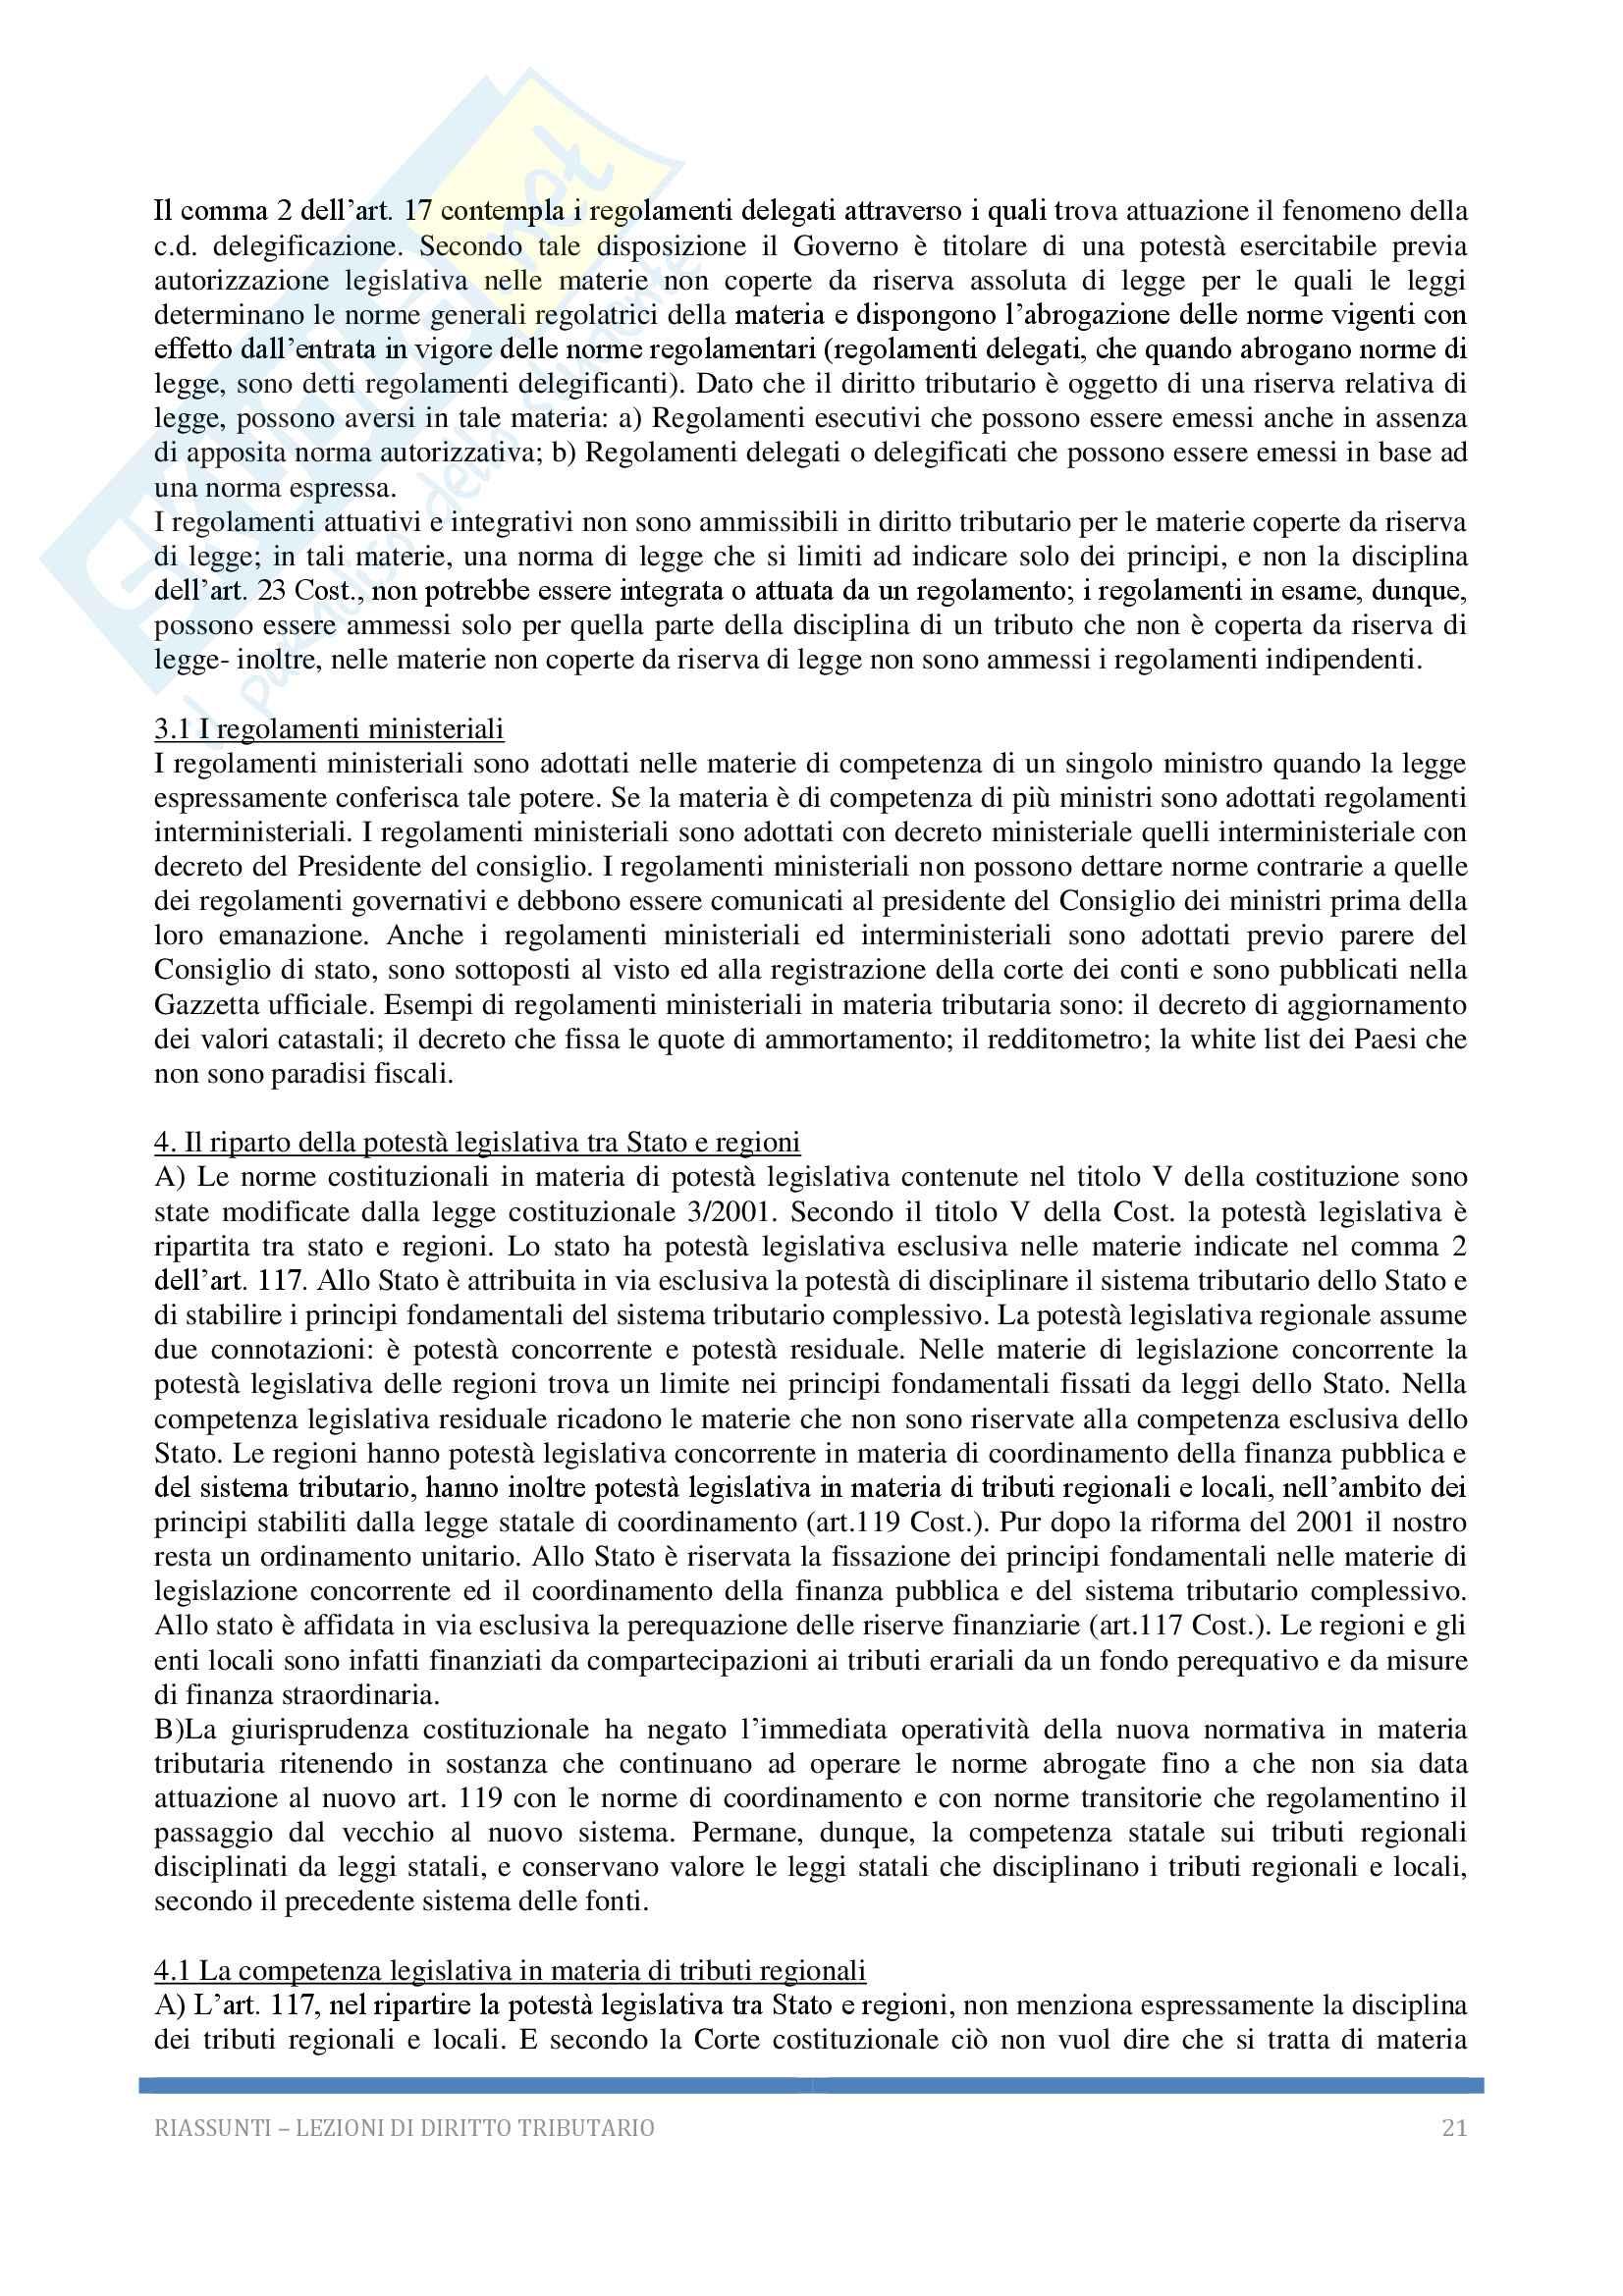 Riassunto esame Diritto tributario, Docente G. Melis, 2017! Pag. 21